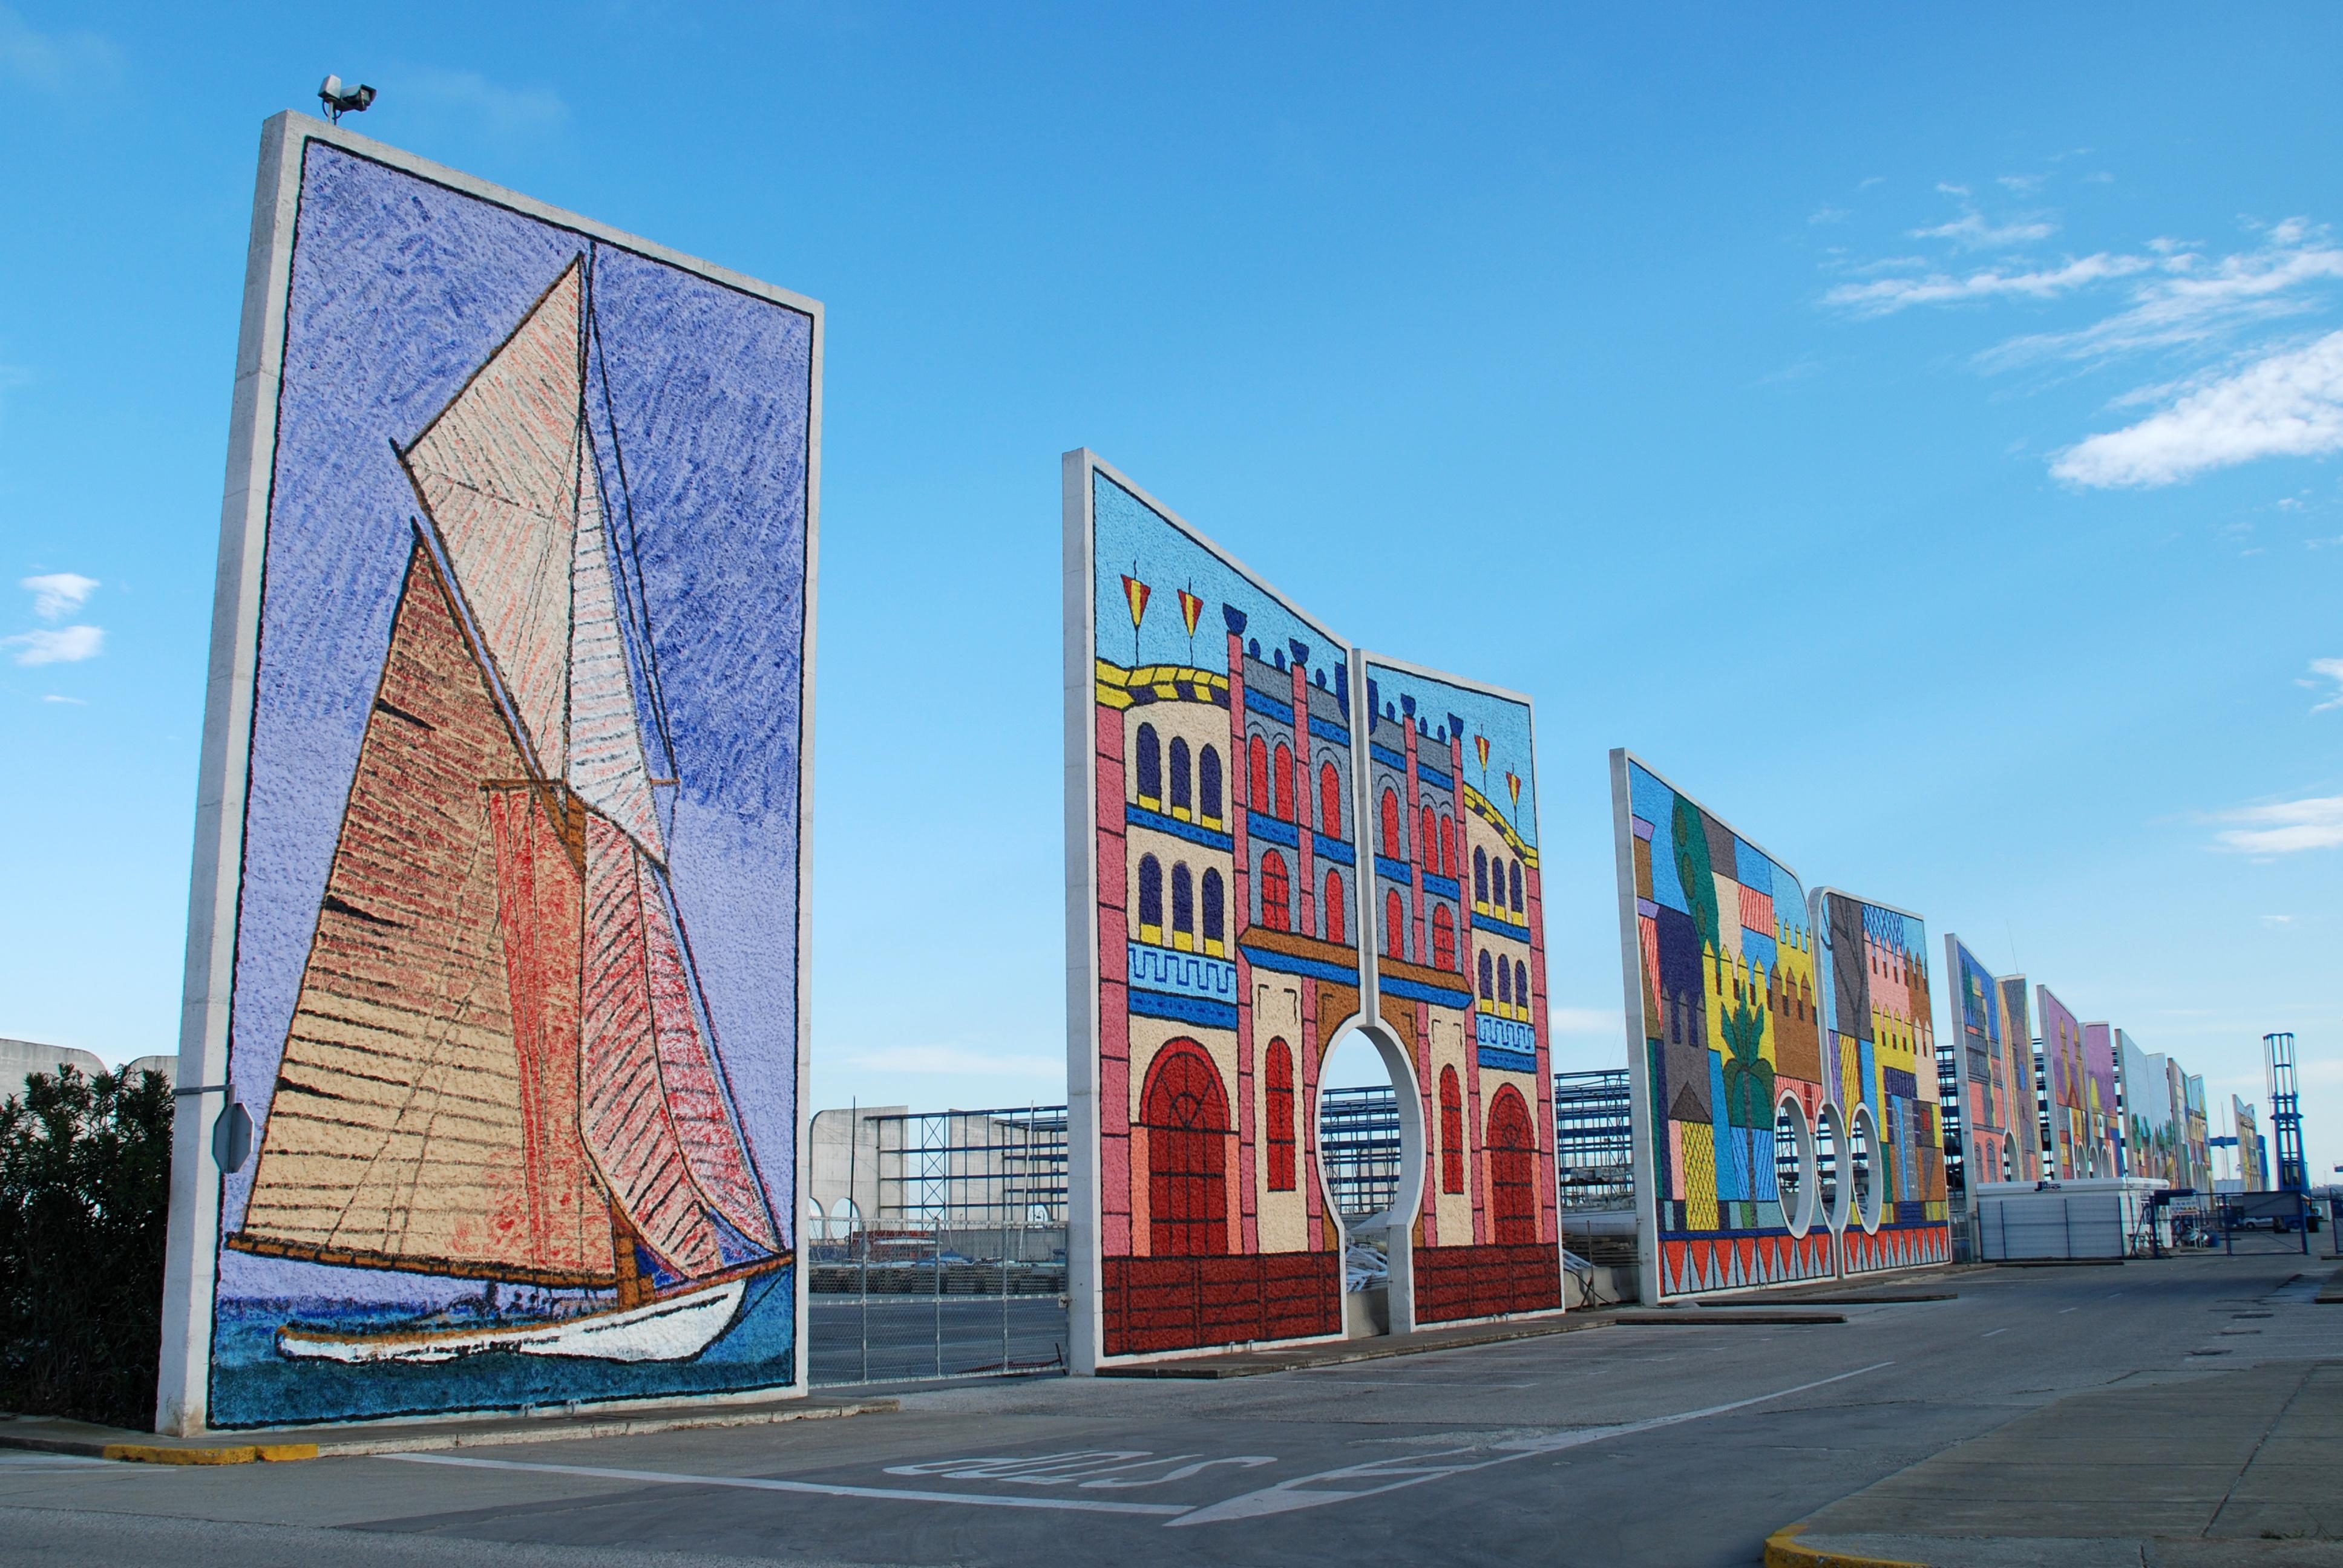 Puerto sherry el puerto de santa mar a c diz fotos de otras ciudades y pa ses - Cita medico puerto de santa maria ...